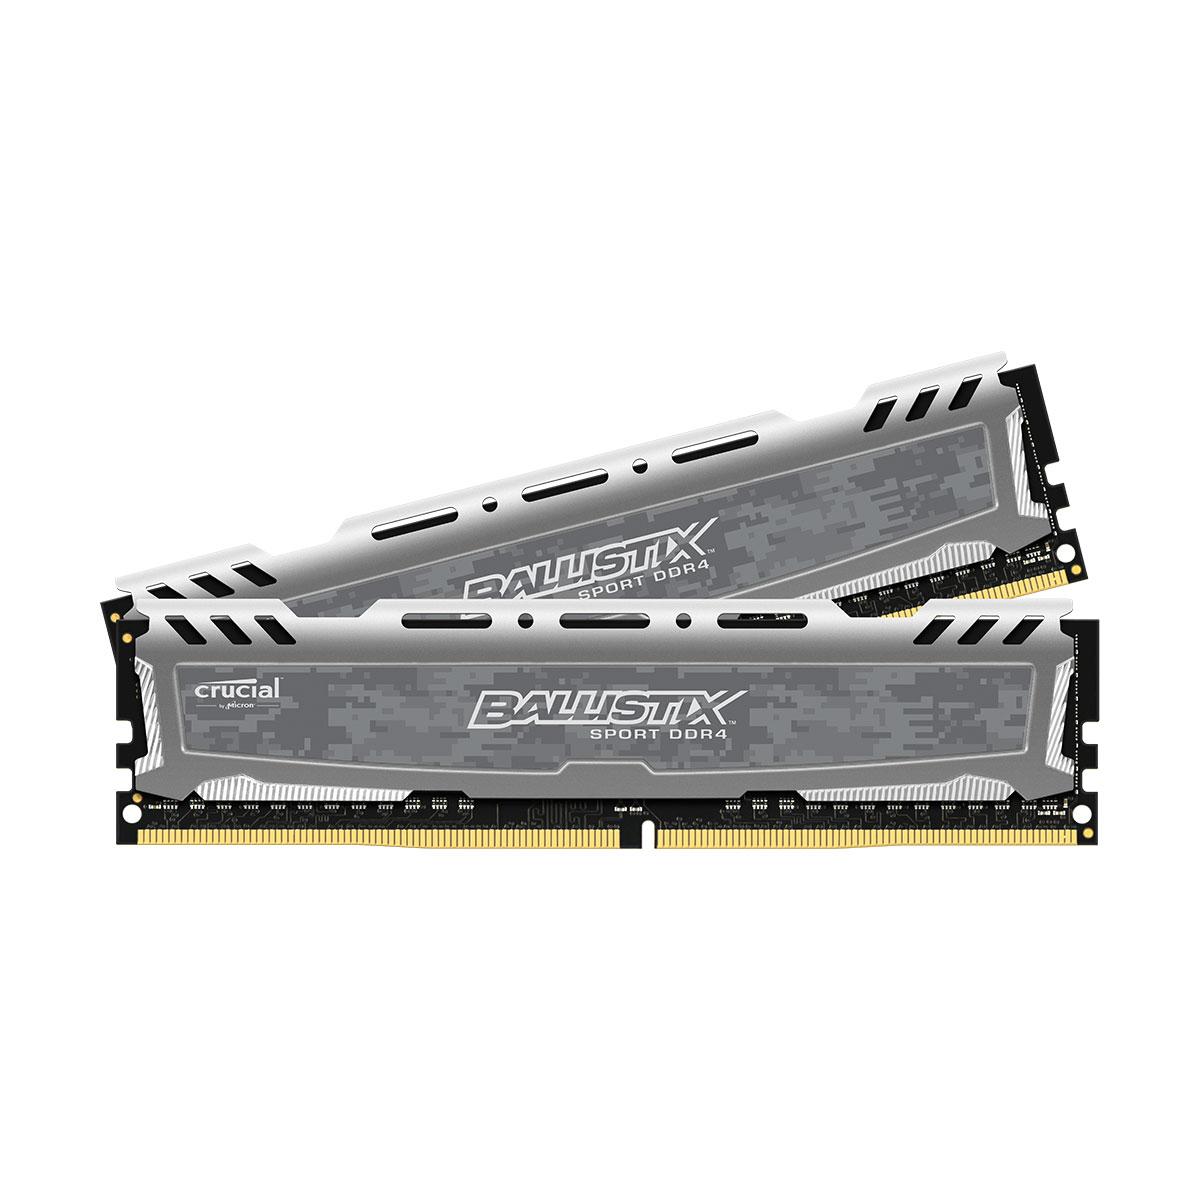 Ballistix BLS2C8G4D26BFSB  16Go DDR4 2666MHz - Mémoire PC - 0